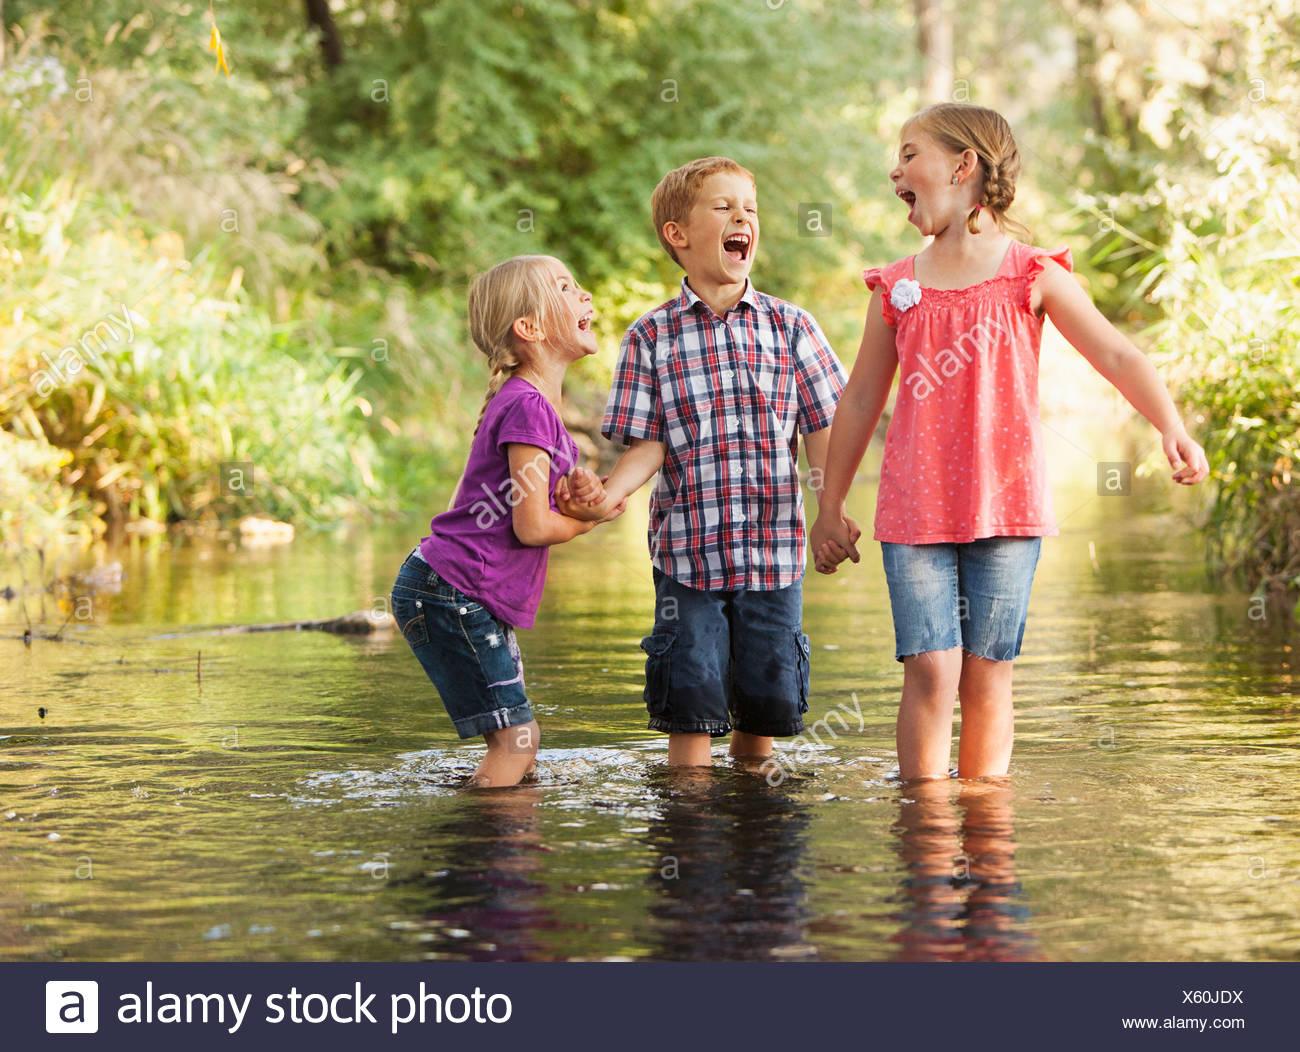 USA, Utah, Lehi, drei Kinder (4-5, 6 und 7) spielen zusammen in kleinen Bach Stockbild